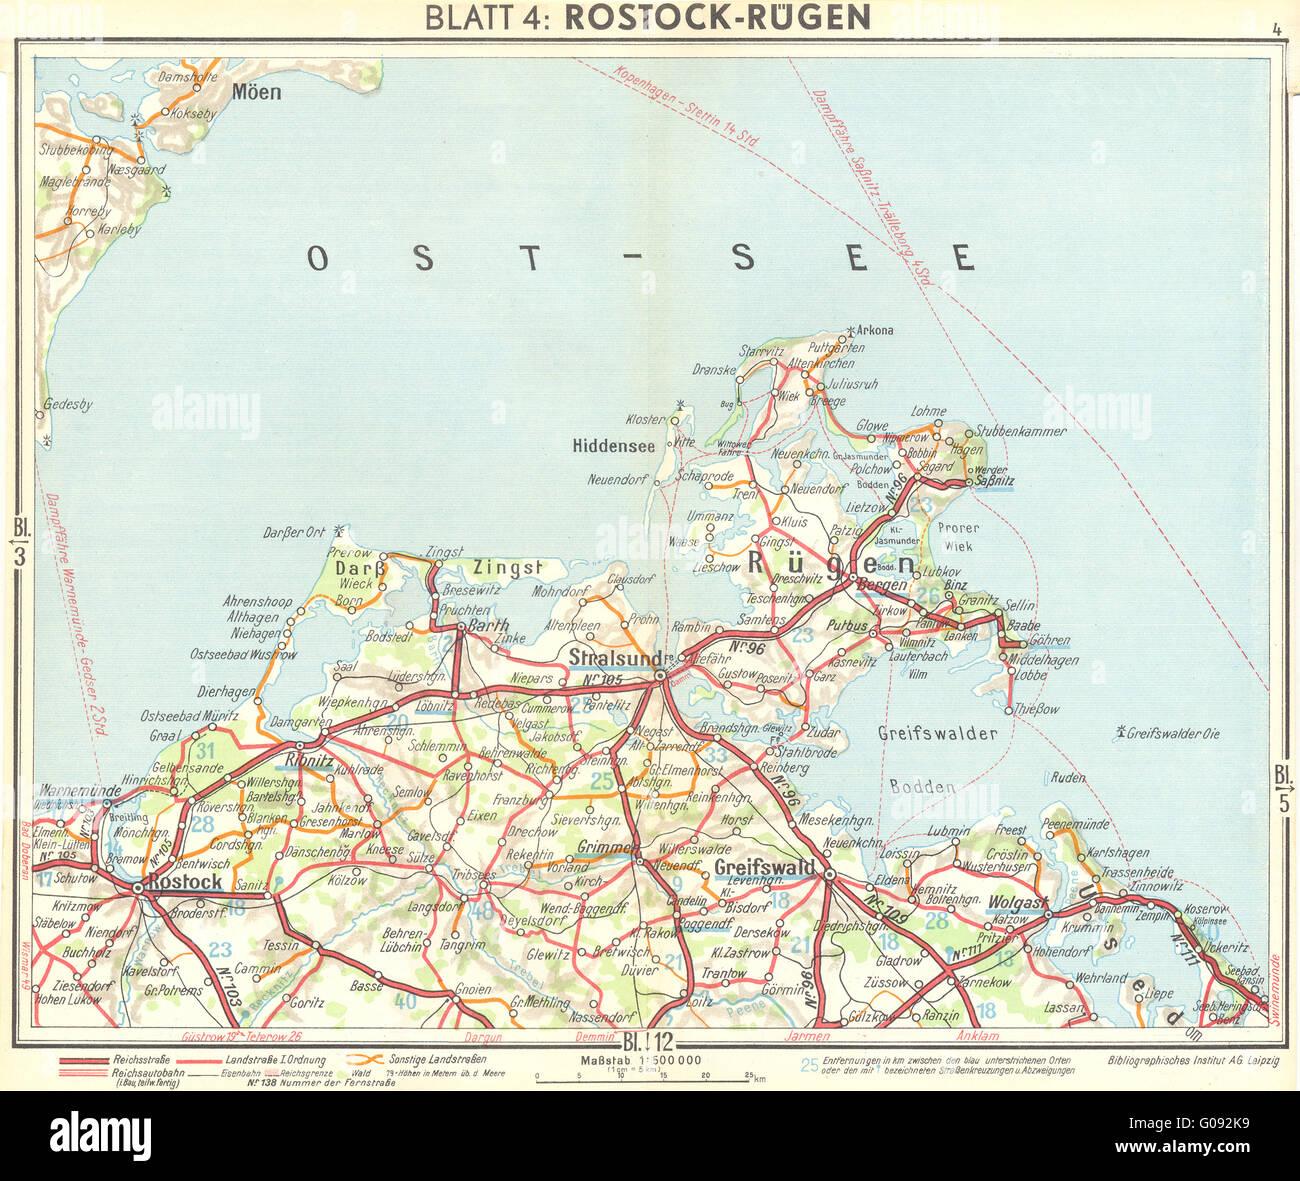 Deutschland Rostock Rugen 1936 Vintage Karte Stockfoto Bild